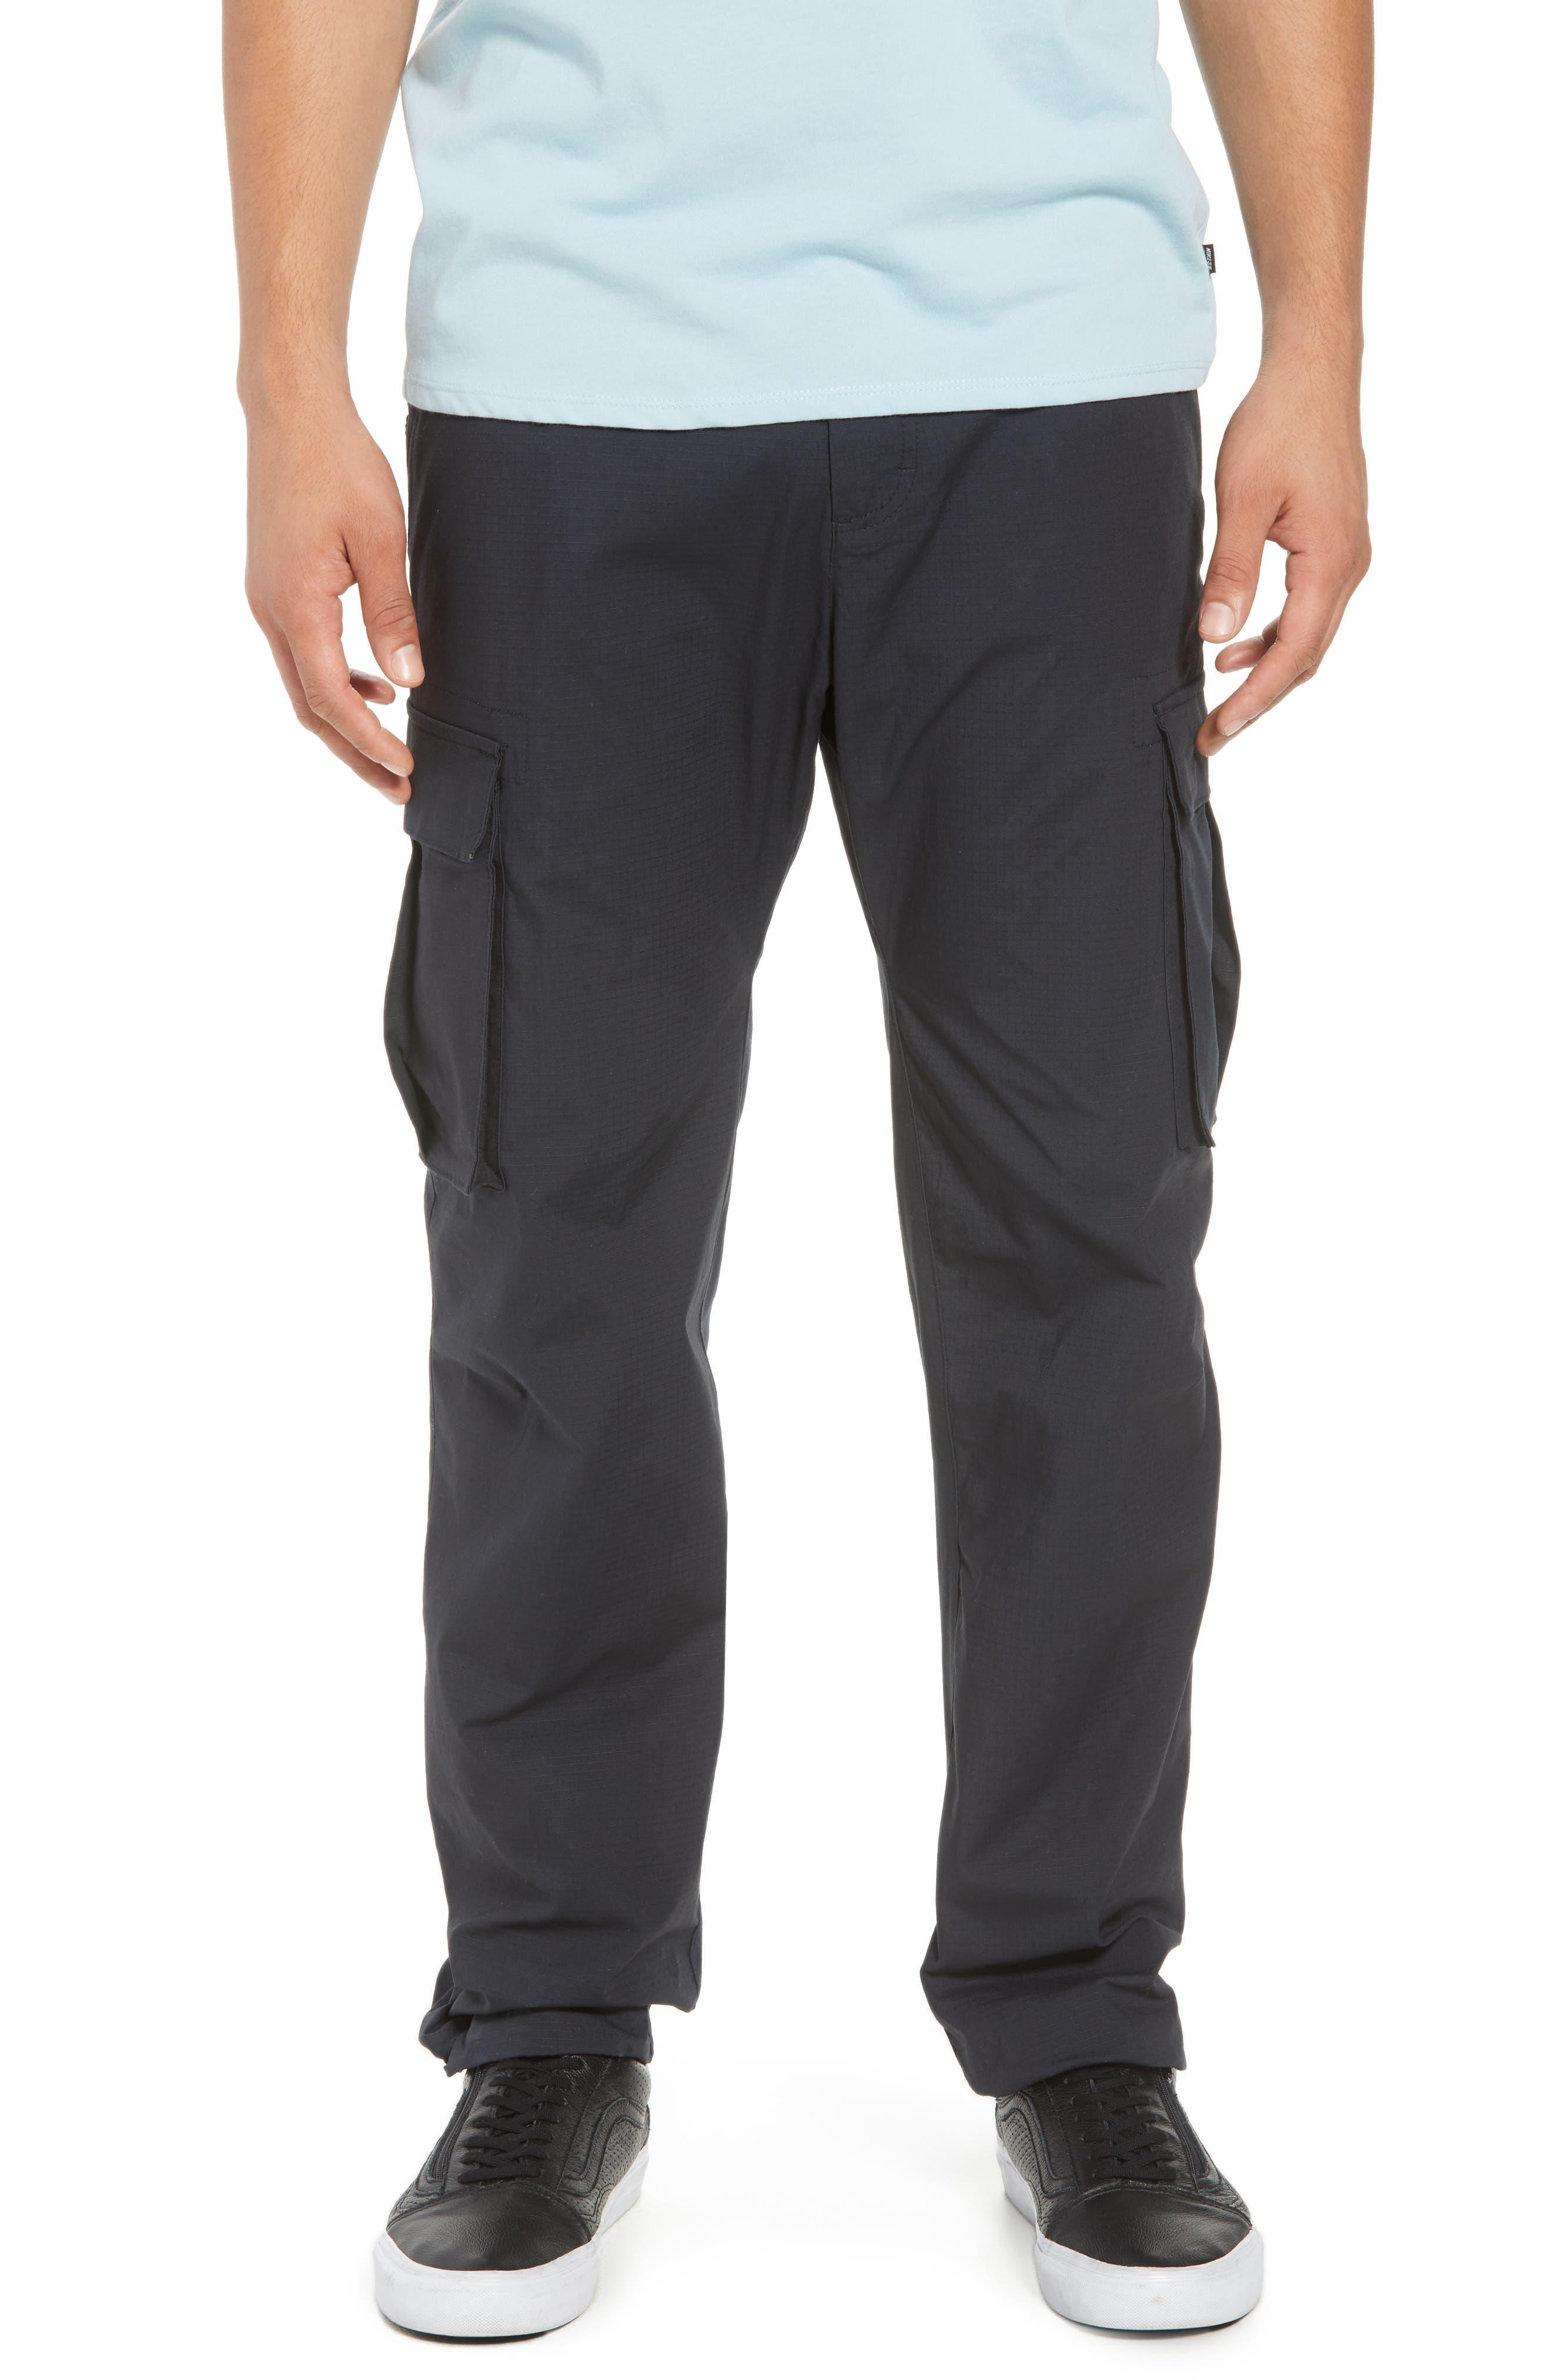 Flex Cargo Pants,                             Main thumbnail 1, color,                             BLACK